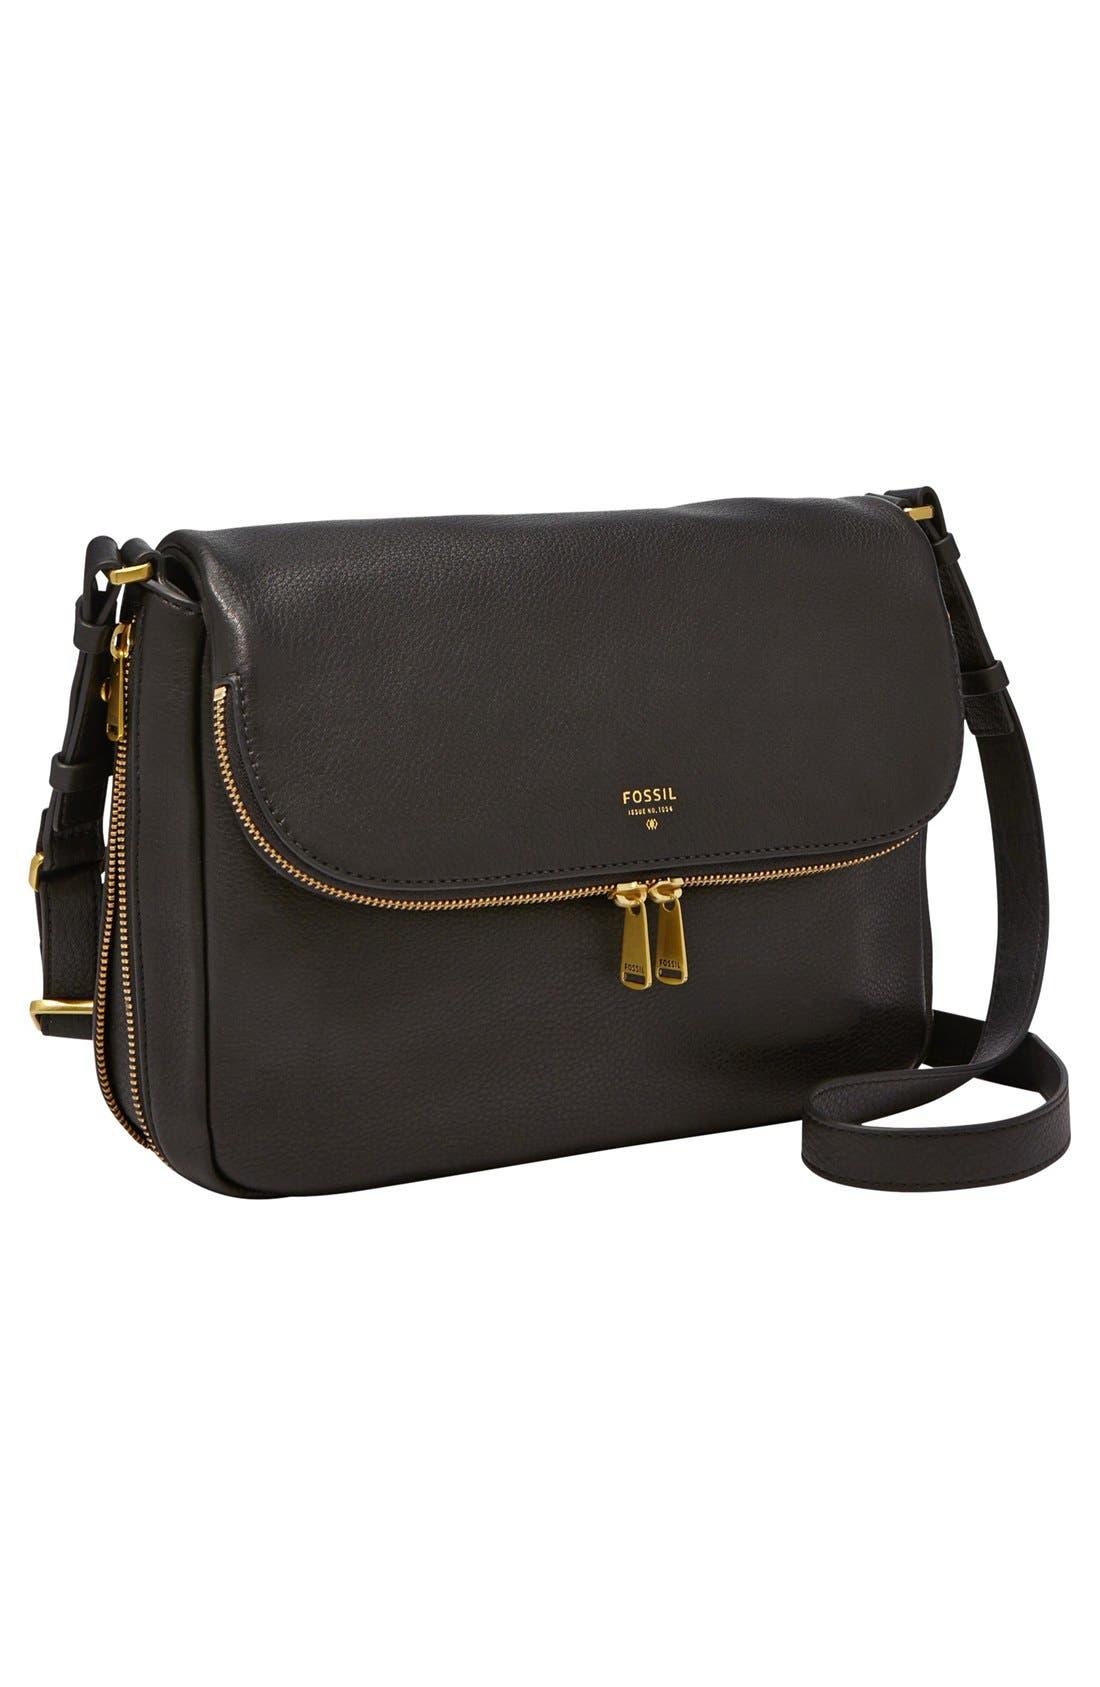 FOSSIL,                             'Preston' Leather Shoulder Bag,                             Alternate thumbnail 2, color,                             001